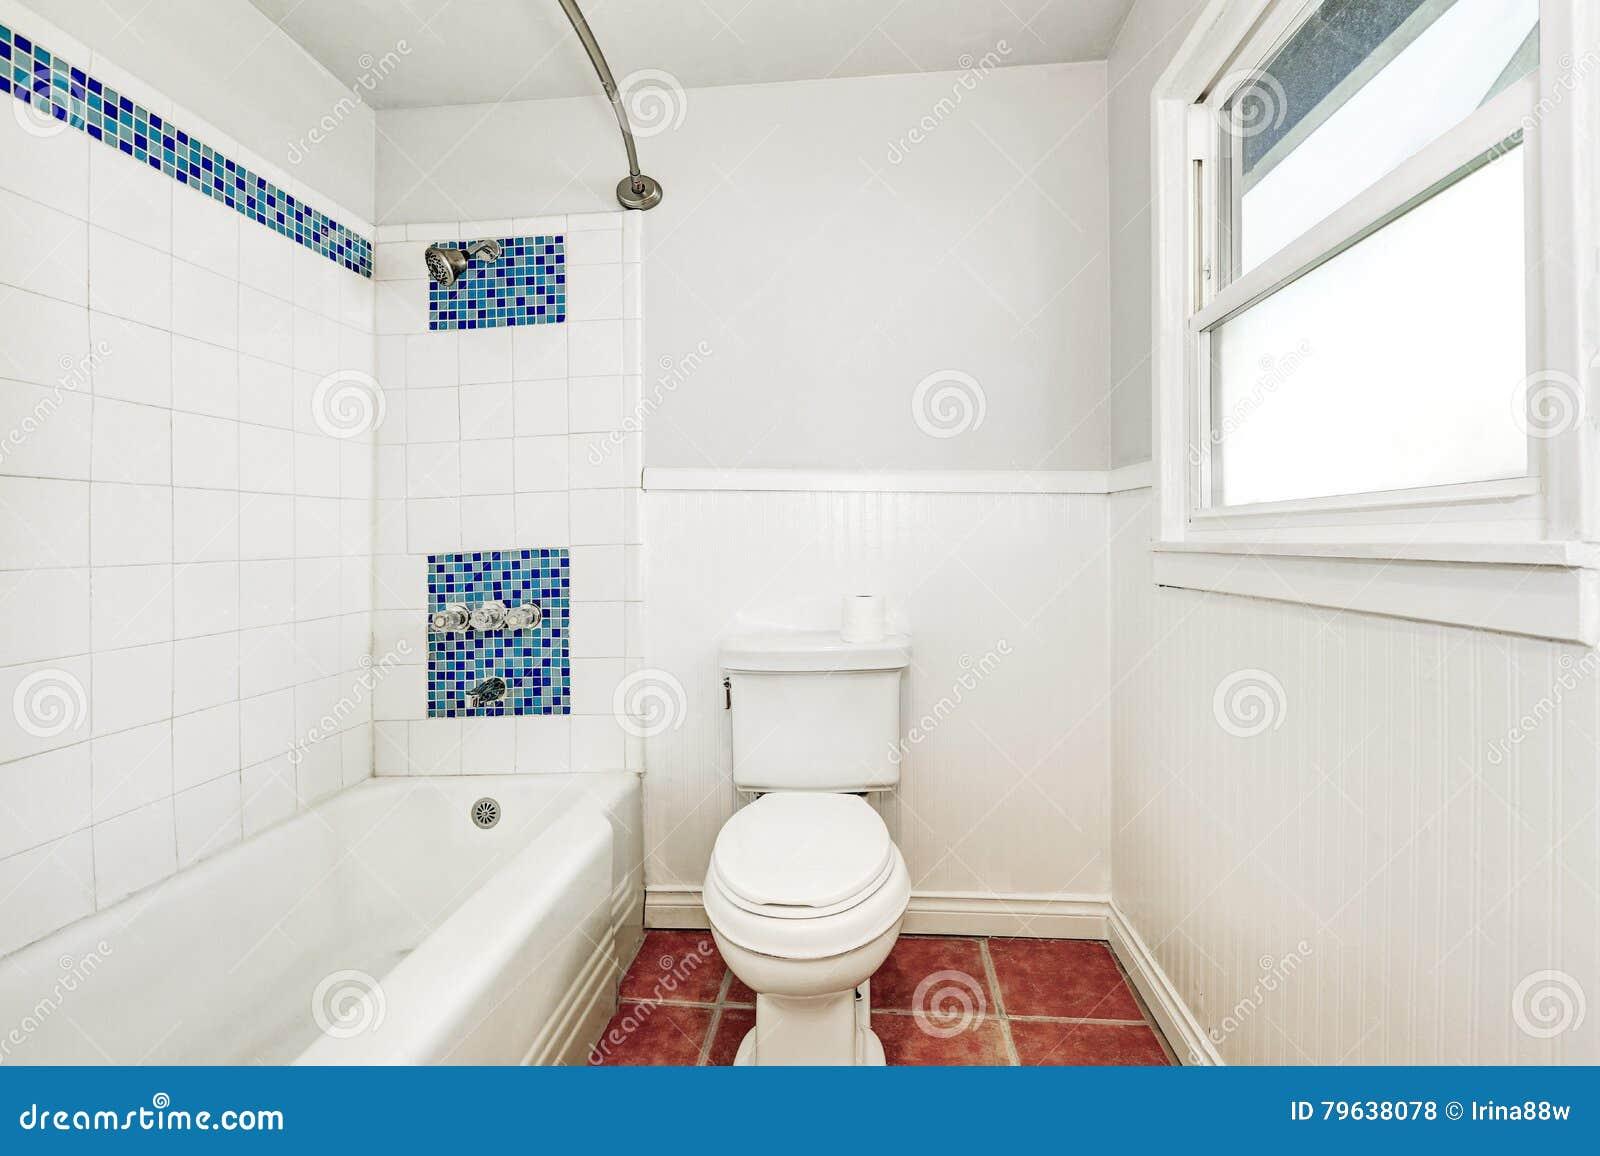 Modele Salle De Bain Avec Mosaique intérieur blanc de salle de bains avec l'équilibre bleu de